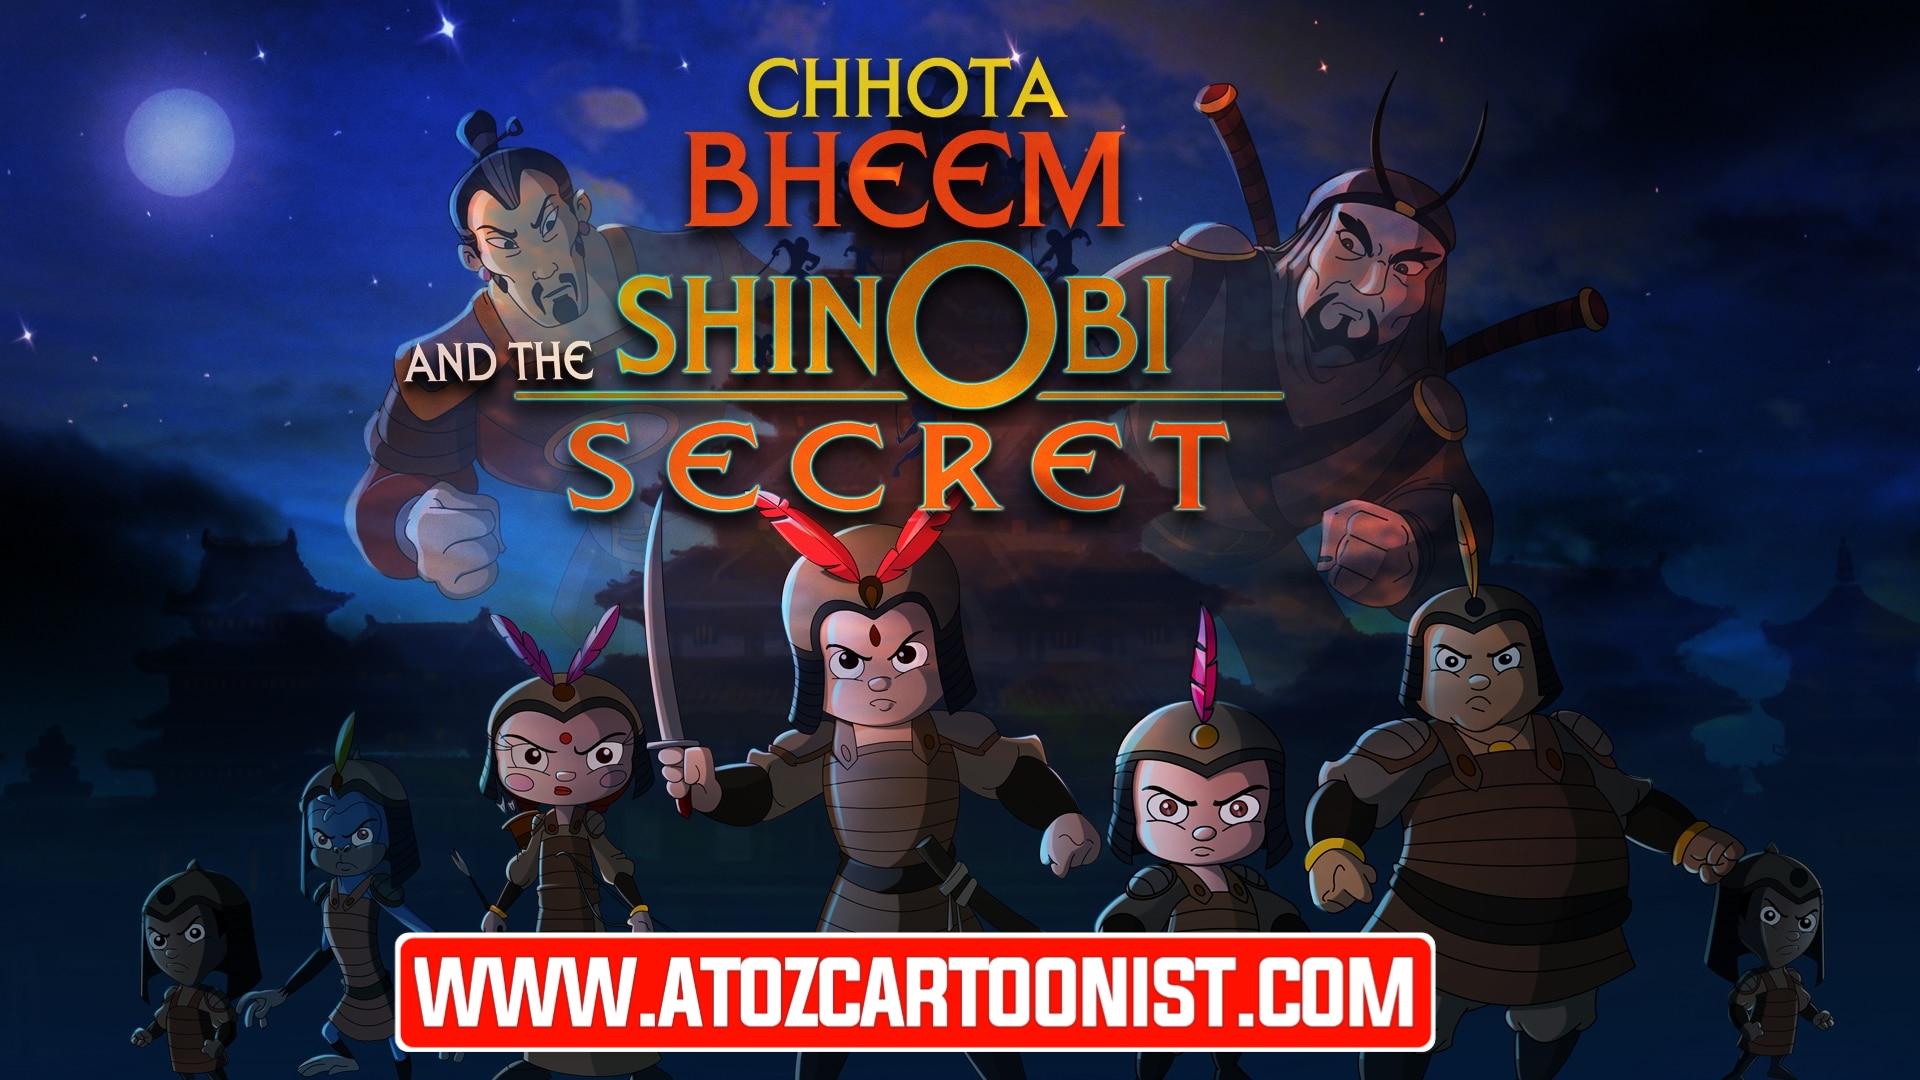 CHHOTA BHEEM AND THE SHINOBI SECRET FULL MOVIE IN HINDI & TAMIL DOWNLOAD (480P & 1080P)